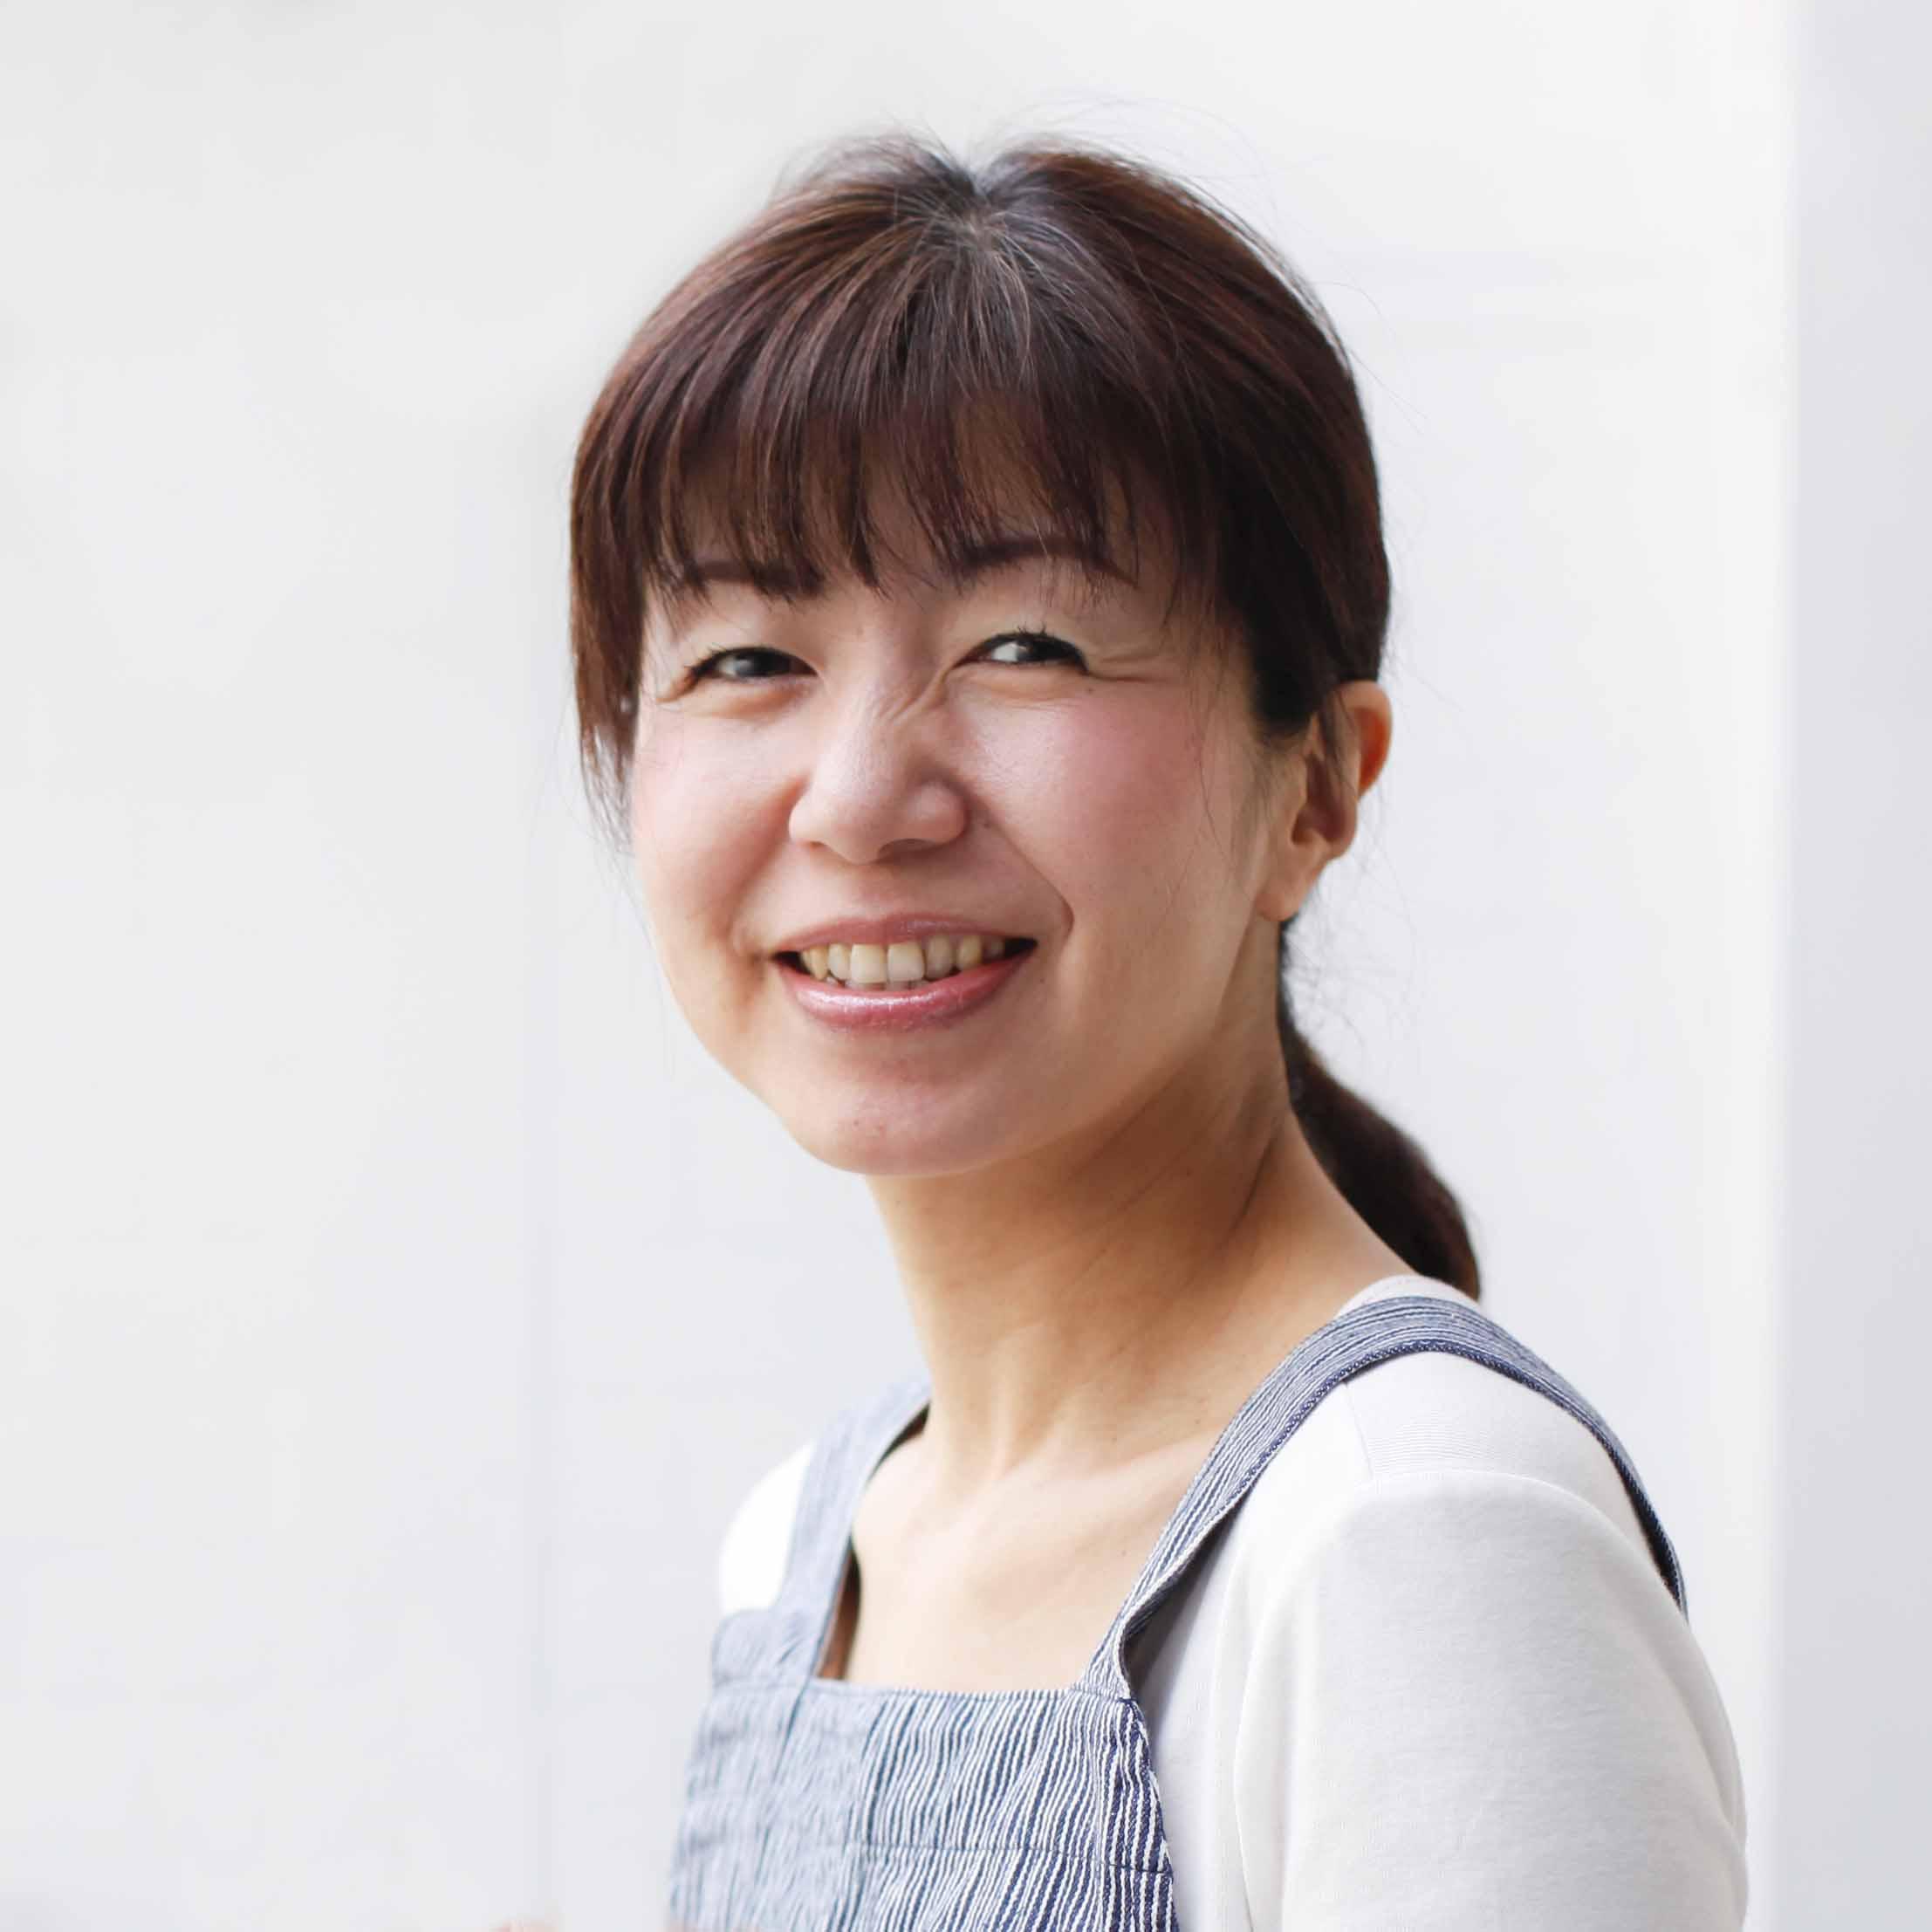 長野県・40代女性 Mさん